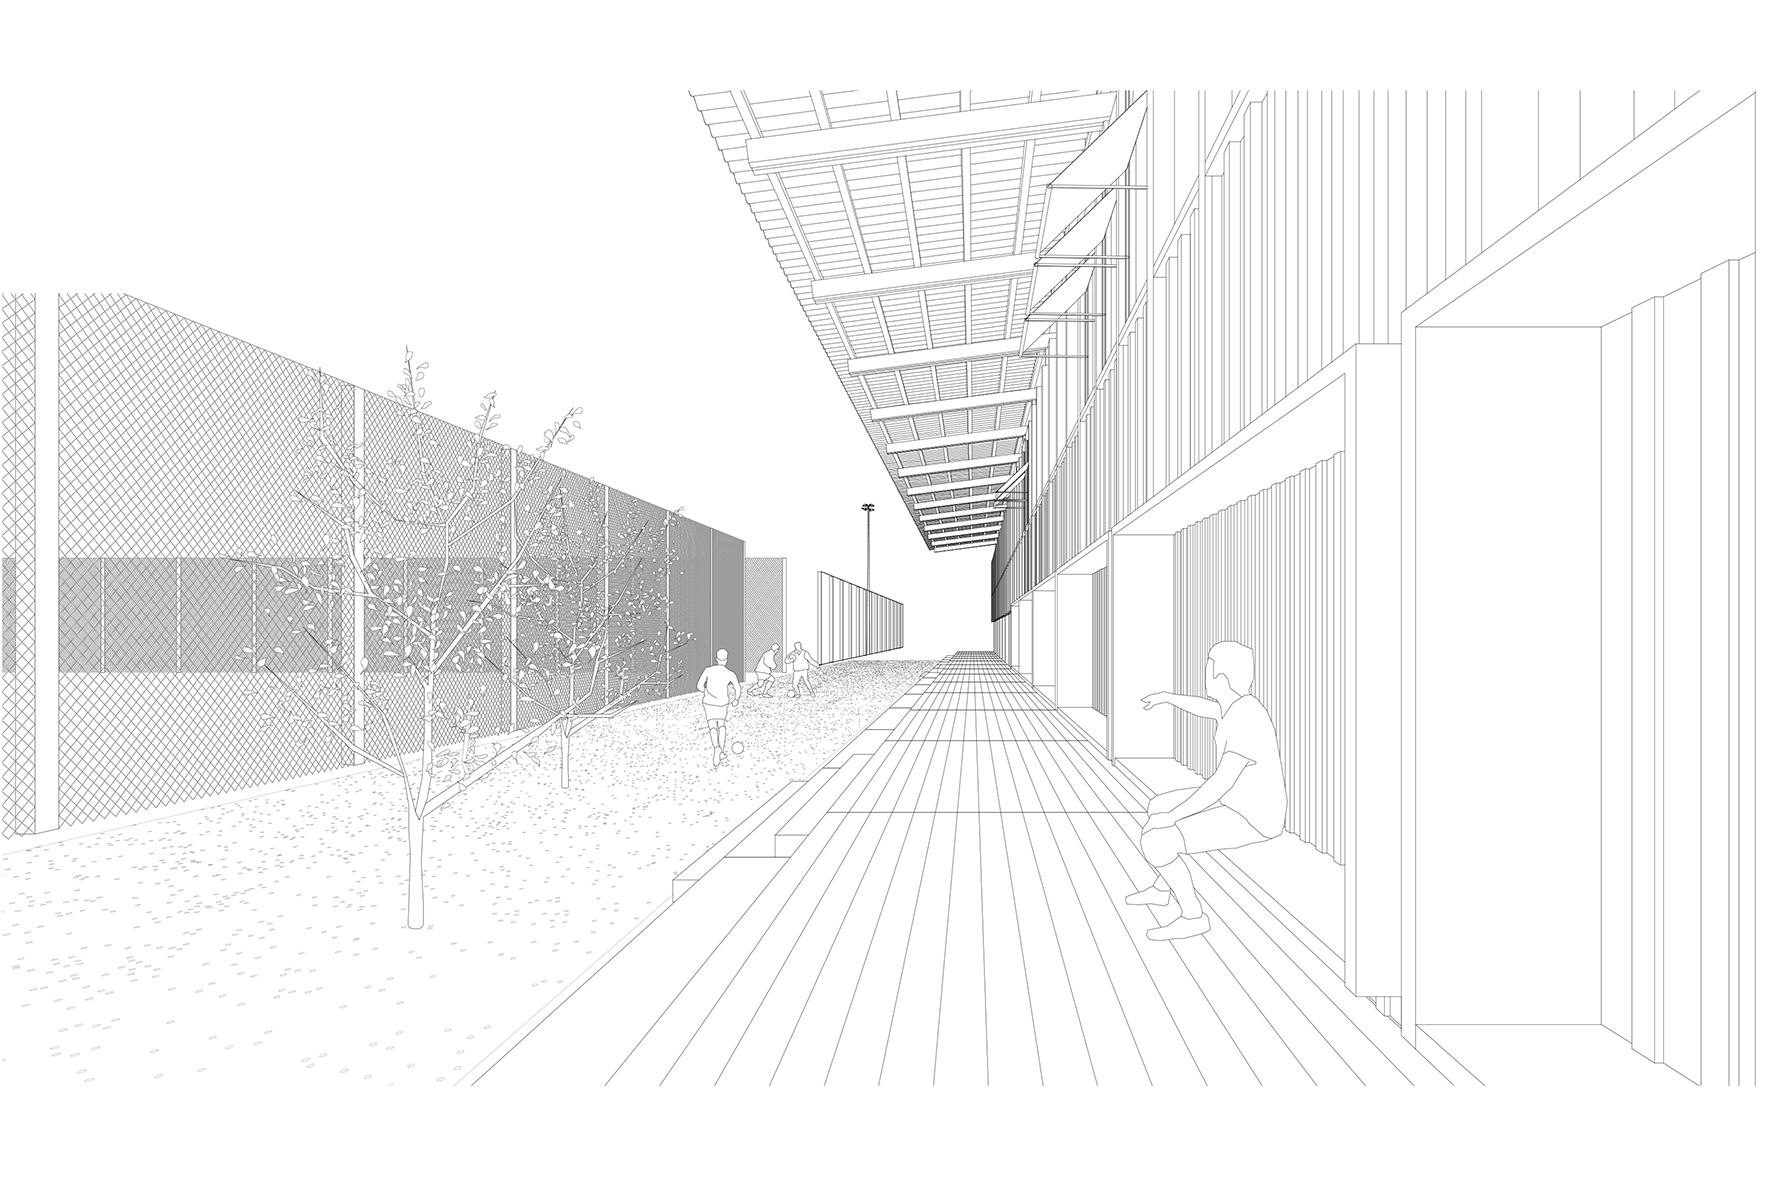 Siegerprojekt für den FCZ-Campus Heerenschürli liegt vor